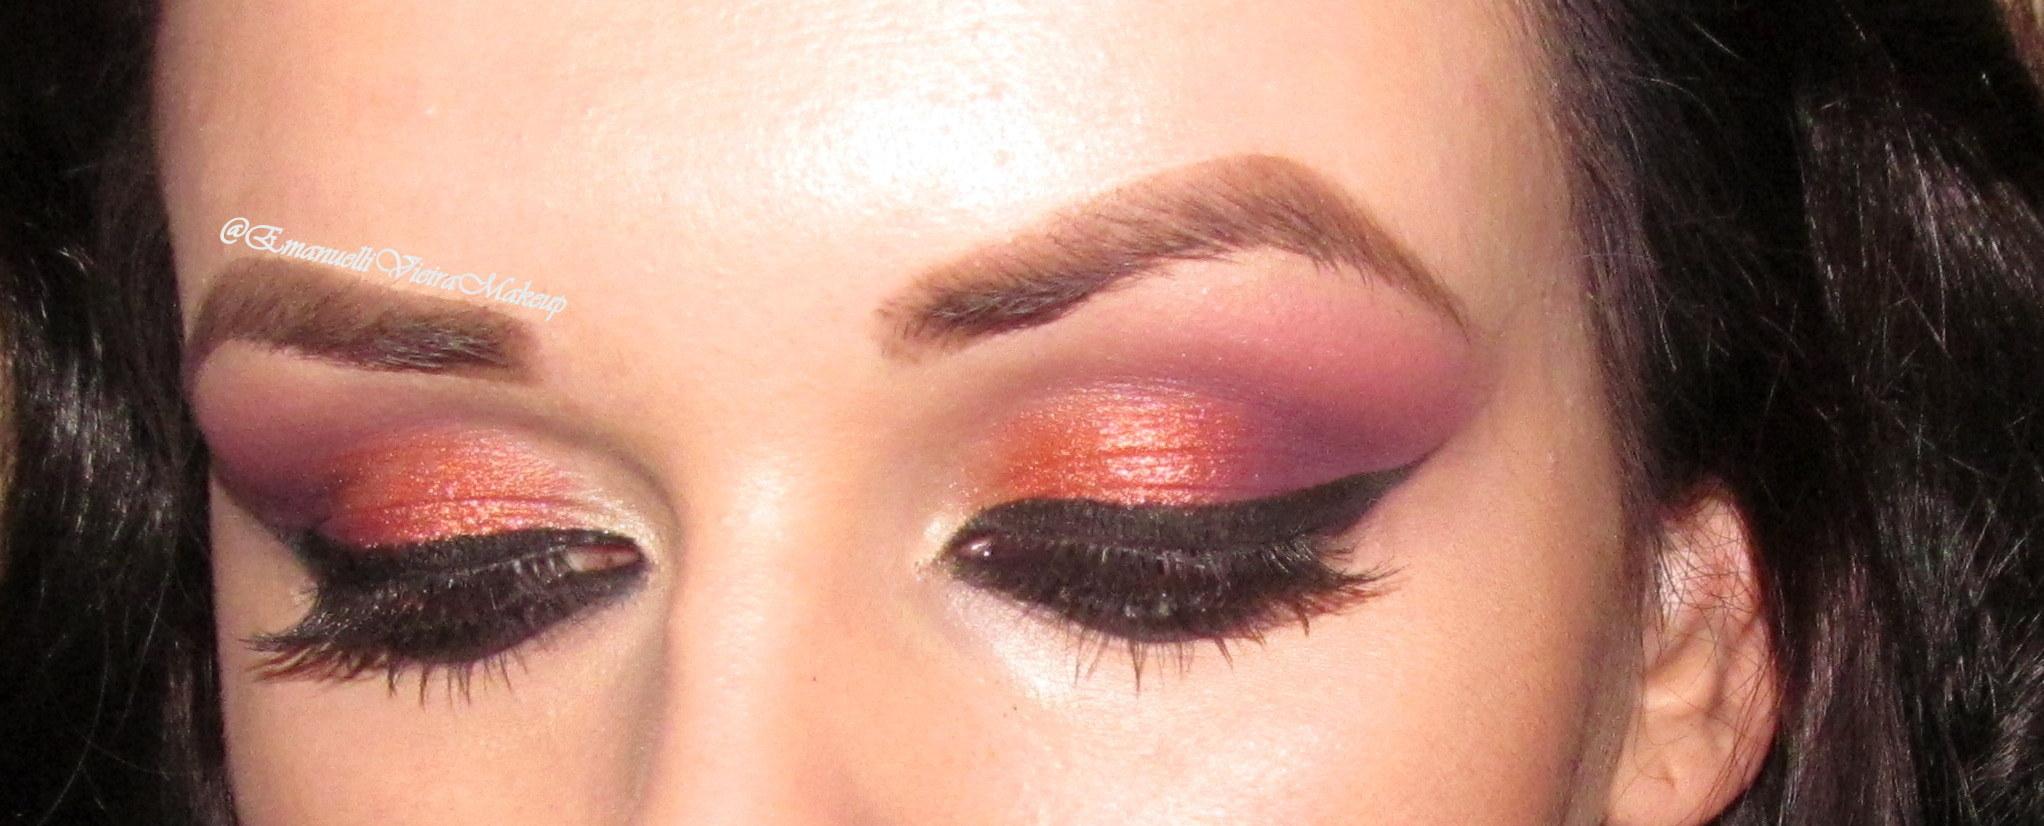 maquiagem colorida, delineado marcado, roxo, laranja maquiagem  maquiador(a)